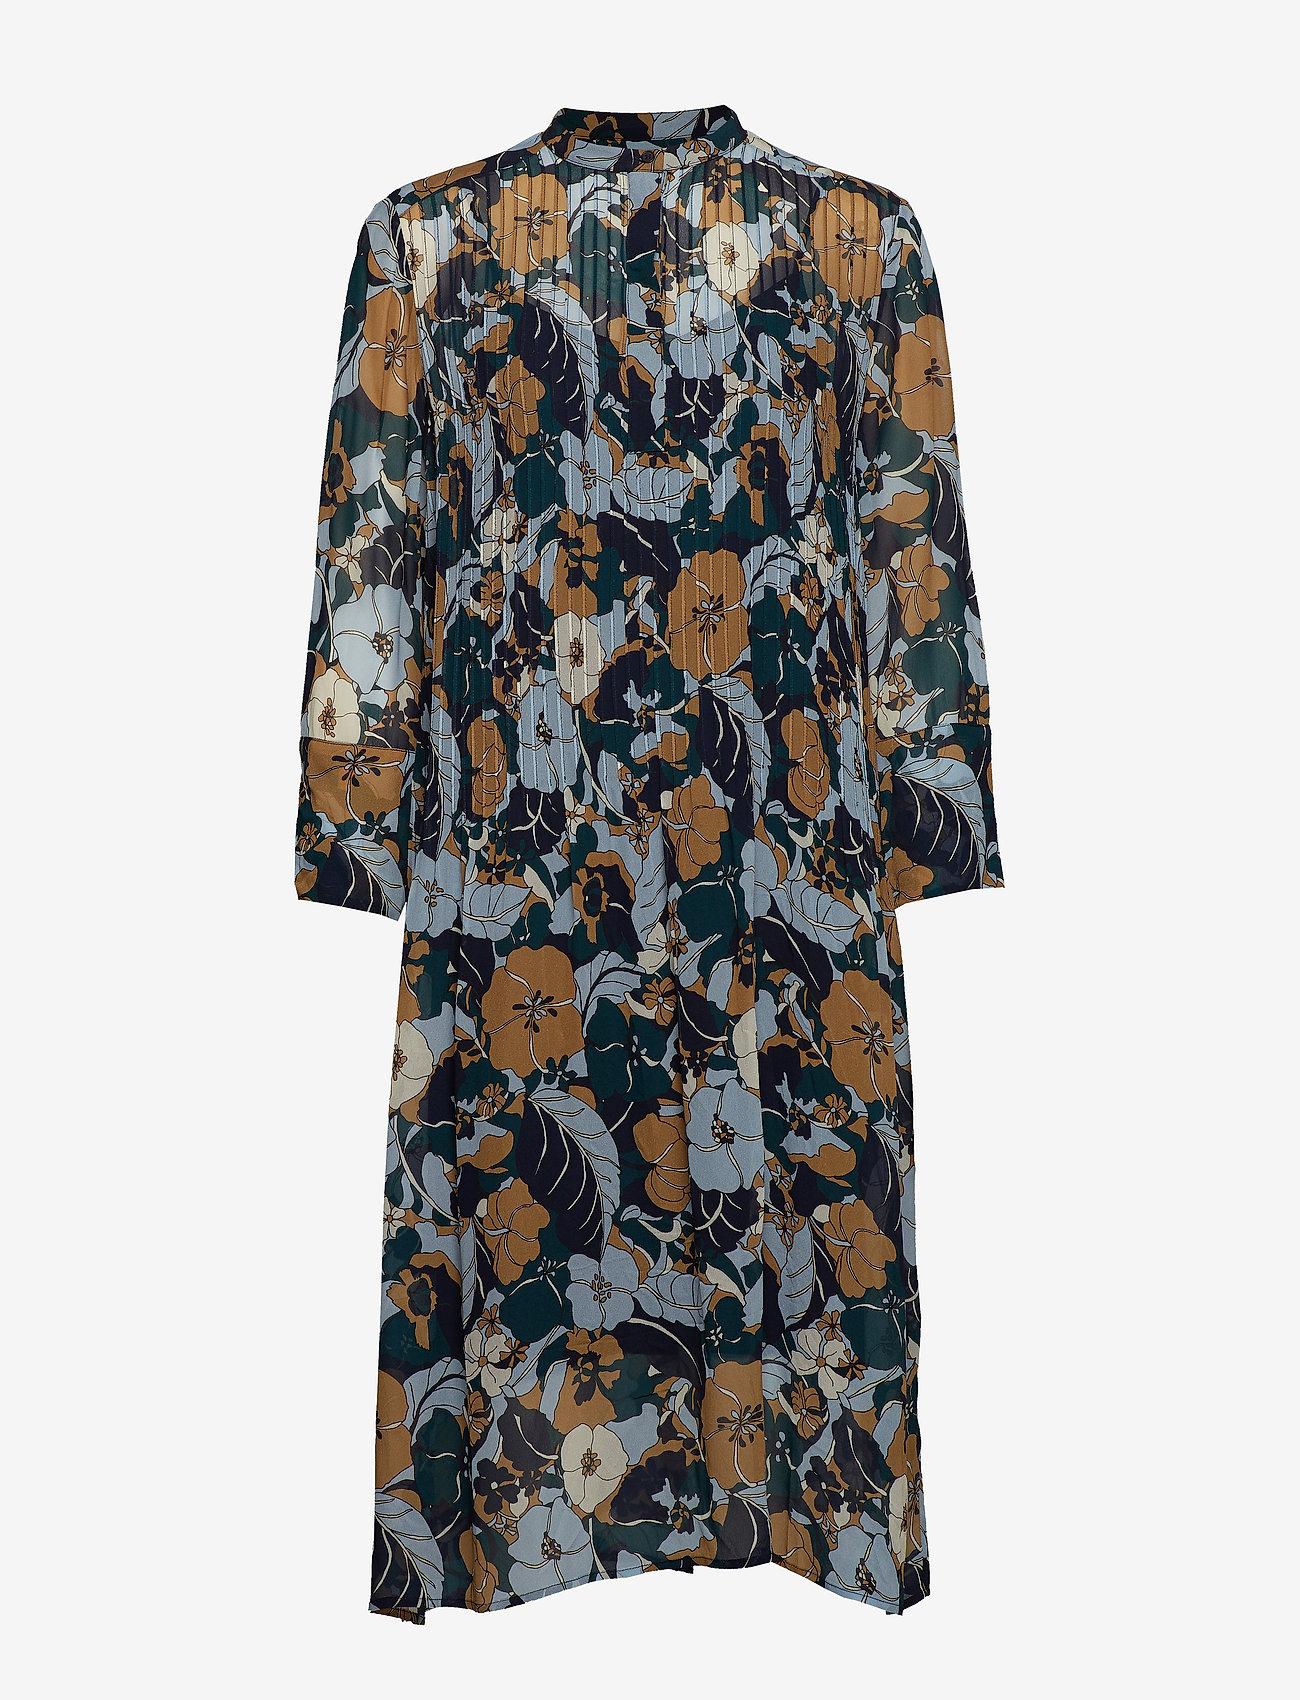 Elm shirt dress aop 18